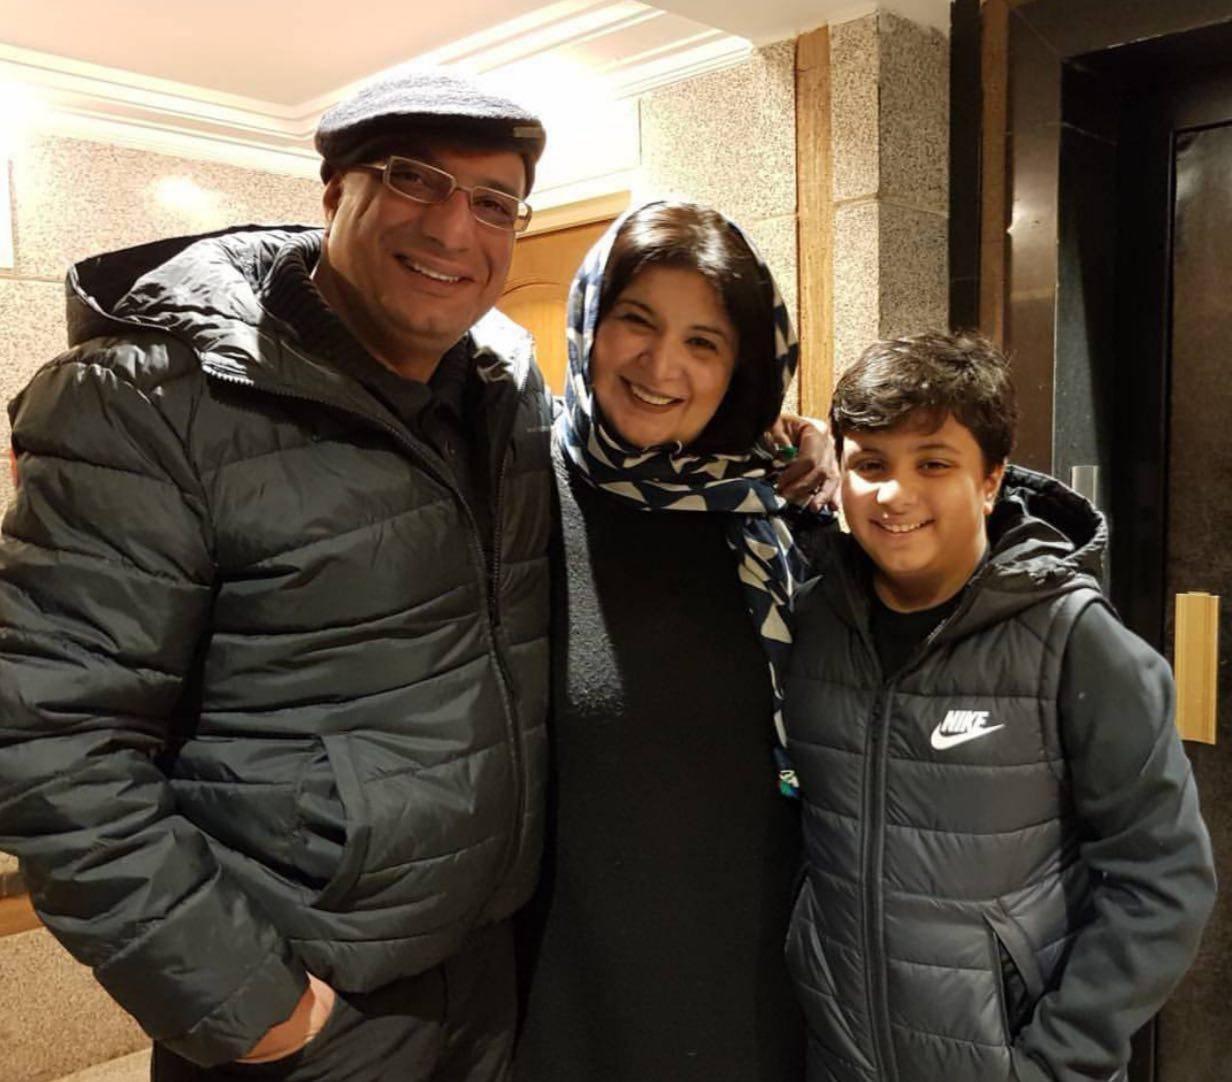 امیر جعفری و عضو جدید خانواده + تصویر